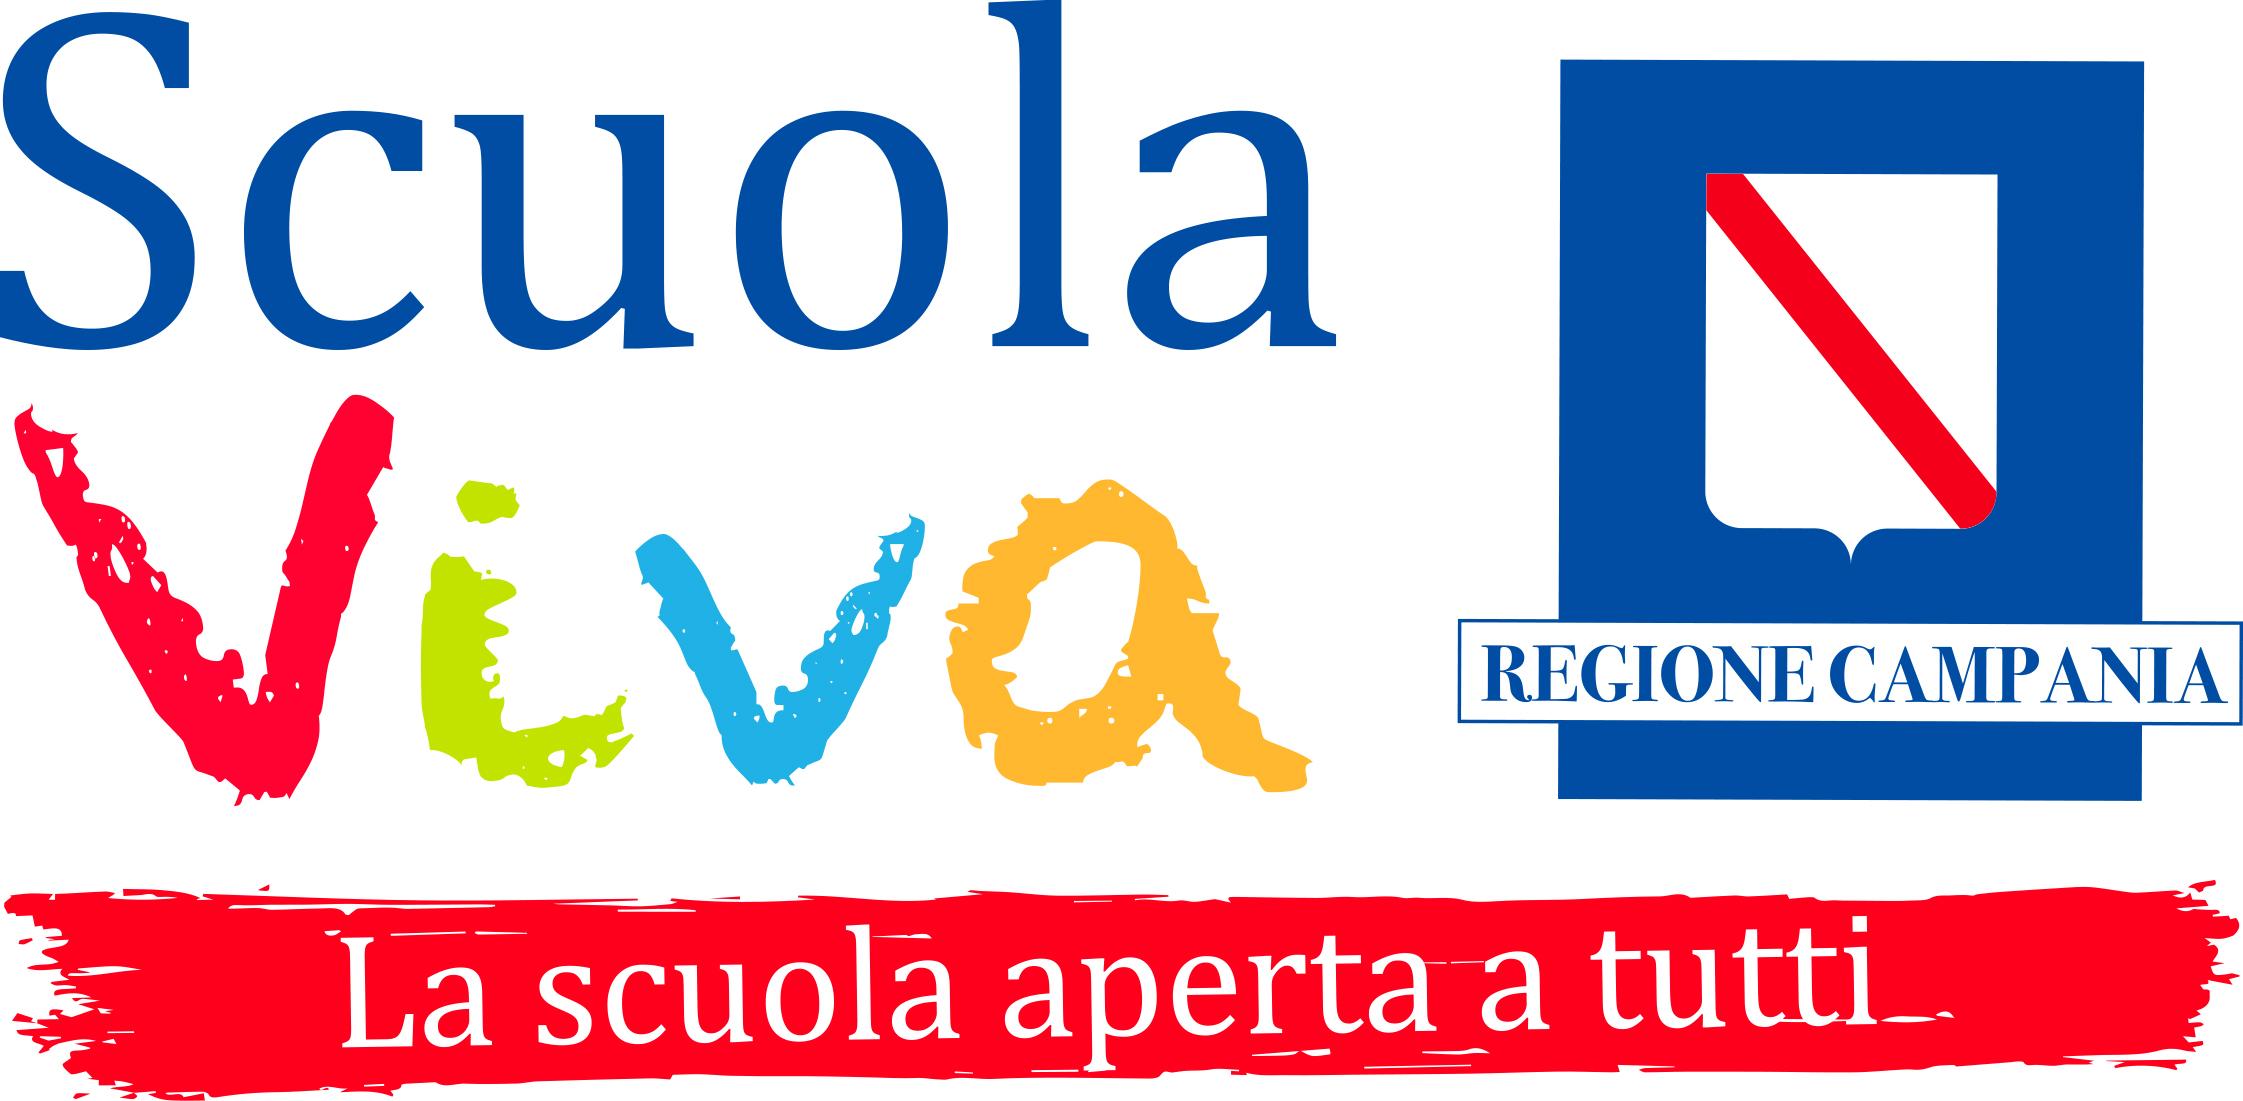 Scuola Viva - La scuola aperta a tutti